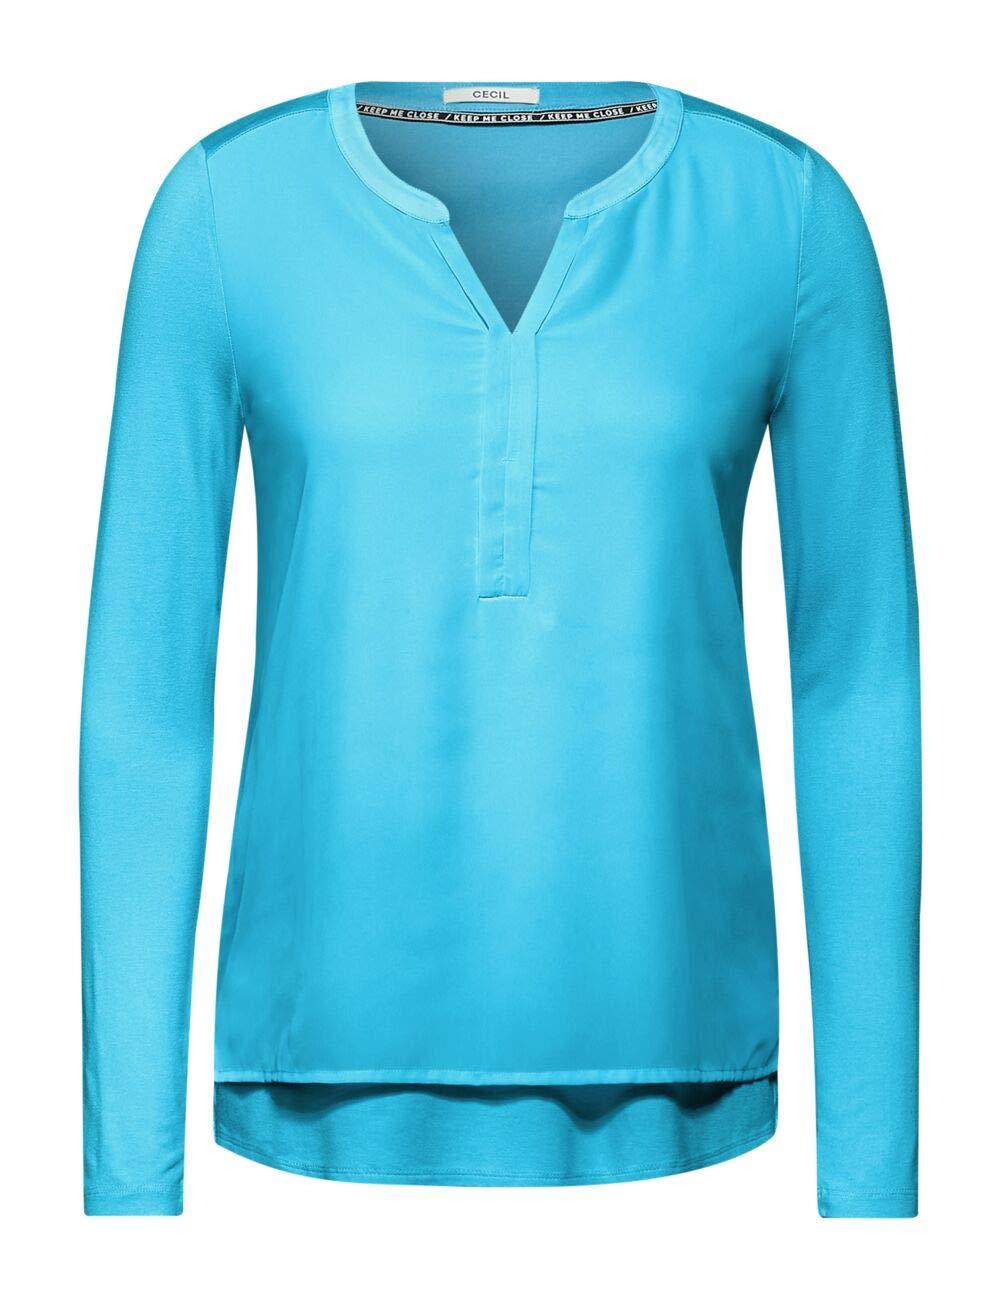 Cecil dam blus Sporty Himmelsblå